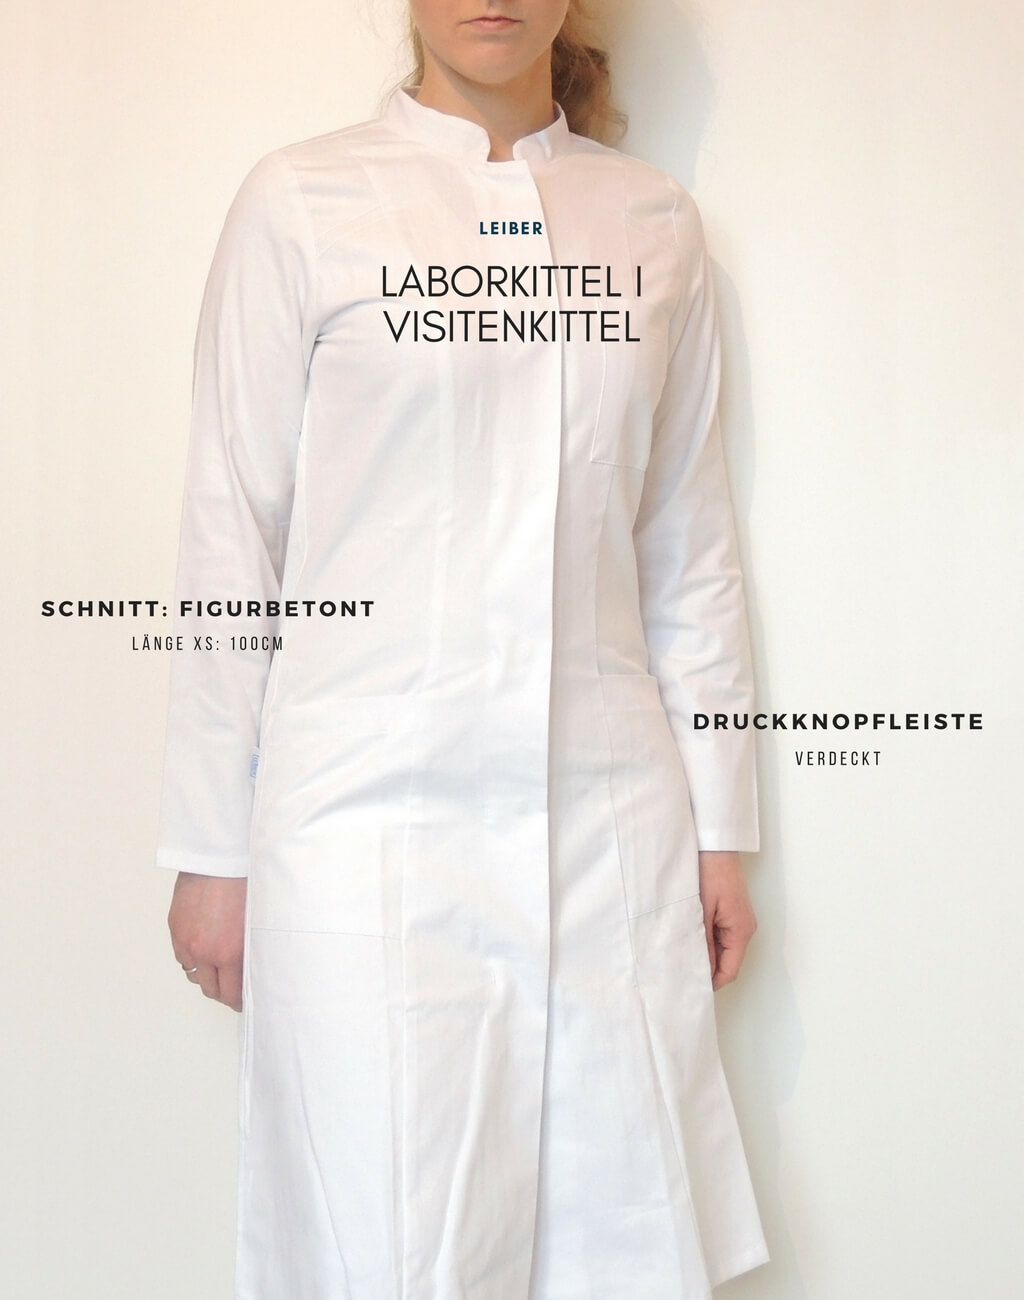 Visitenkittel-Damen-tailliert-XS-Baumwolle-Leiber